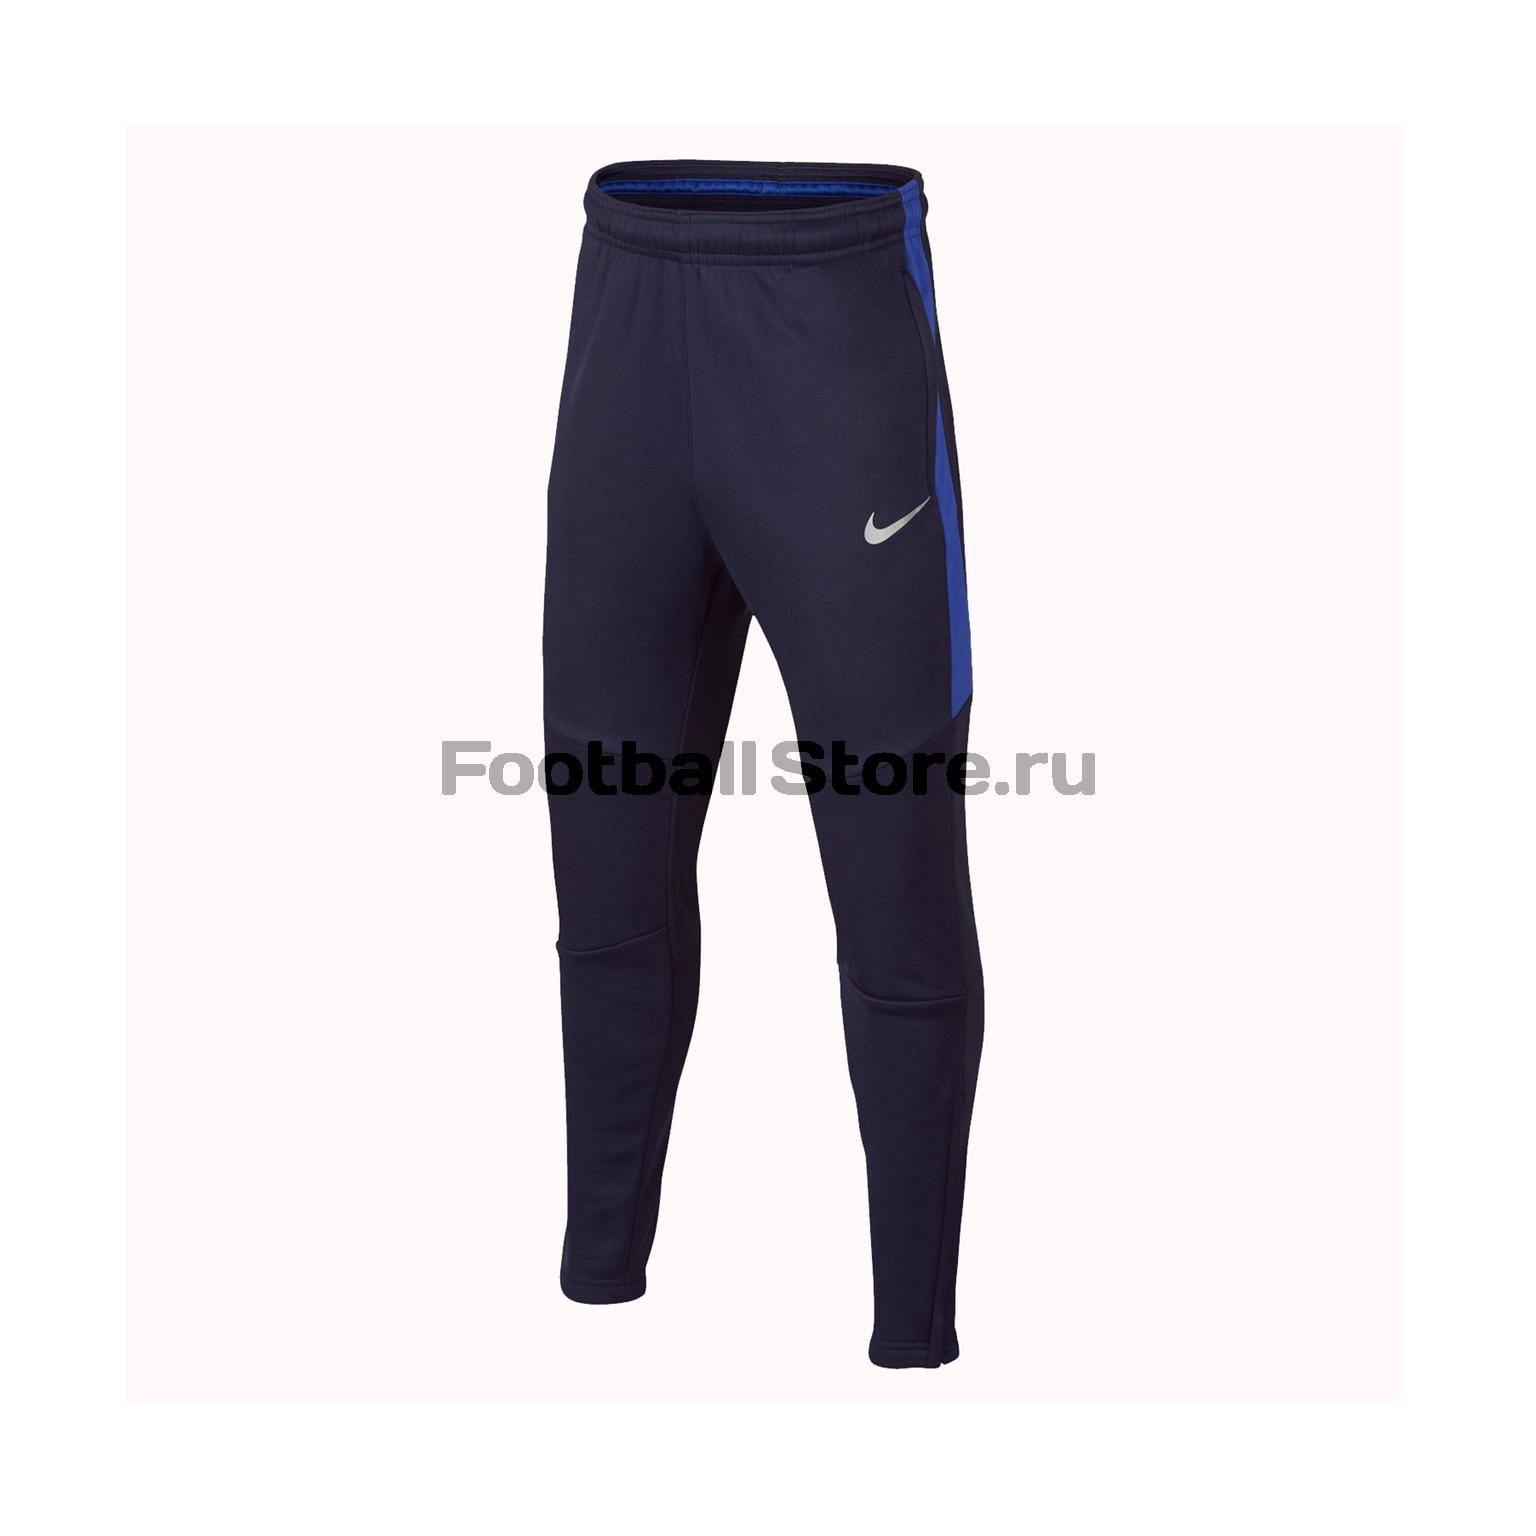 Брюки тренировочные подростковые Nike Therma Pant AQ0355-416 брюки тренировочные подростковые nike squad 832390 451